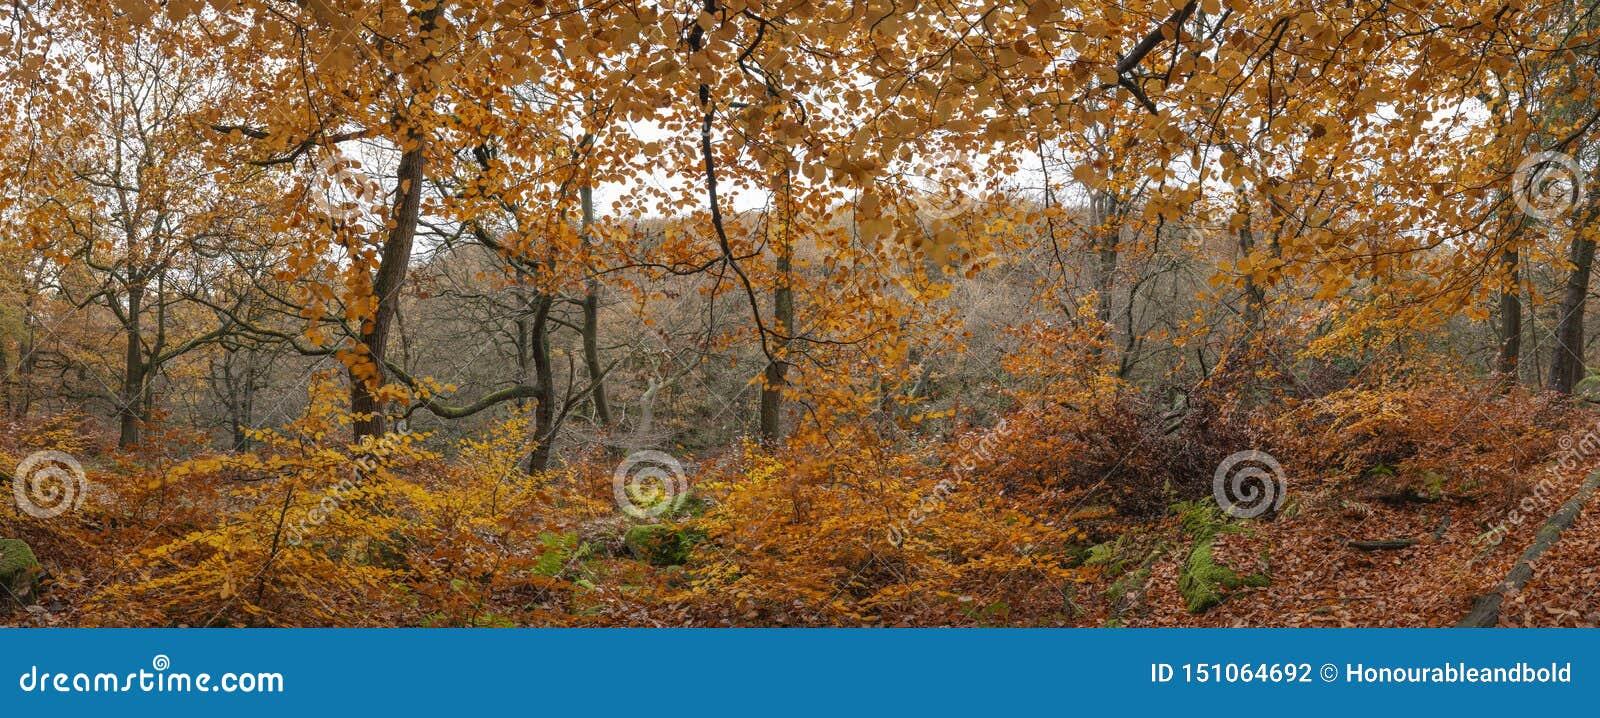 Beau panorama vibrant coloré de paysage d Autumn Fall de région boisée de forêt dans le secteur maximal en Angleterre